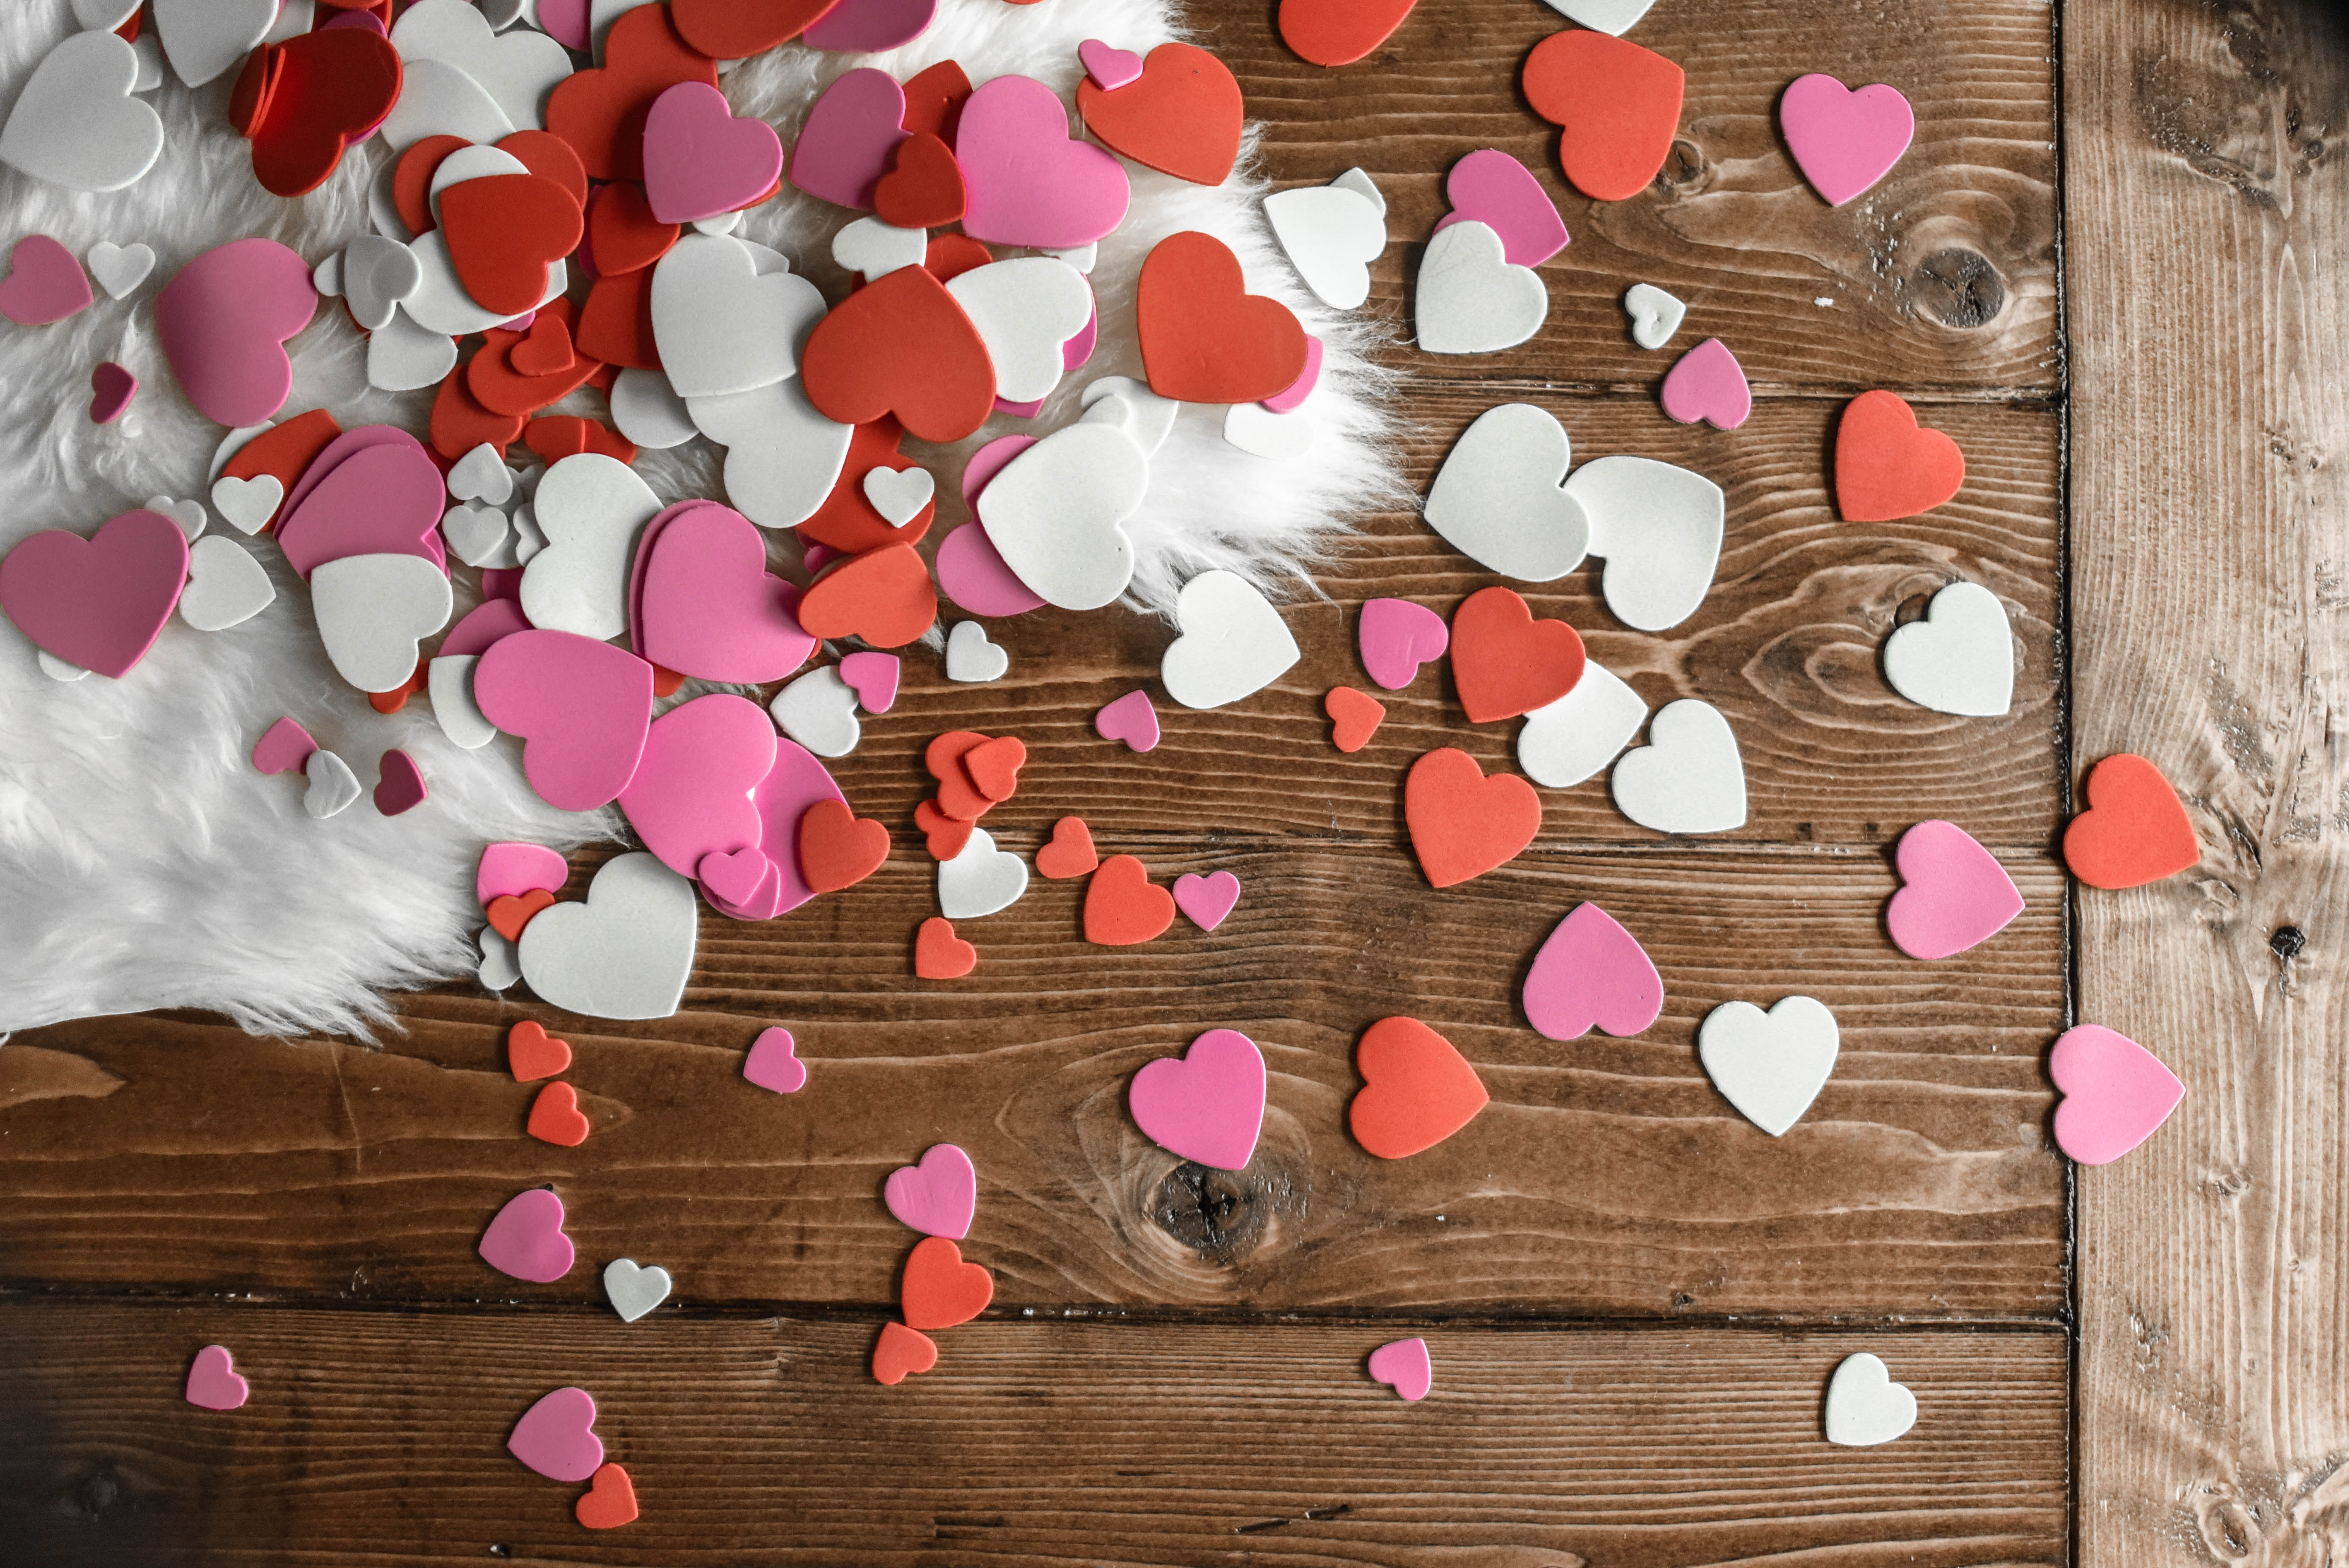 62109 fond d'écran 720x1560 sur votre téléphone gratuitement, téléchargez des images Amour, Cœurs, Multicolore, Hétéroclite, Tableau, Table, La Fourrure, Fourrure 720x1560 sur votre mobile